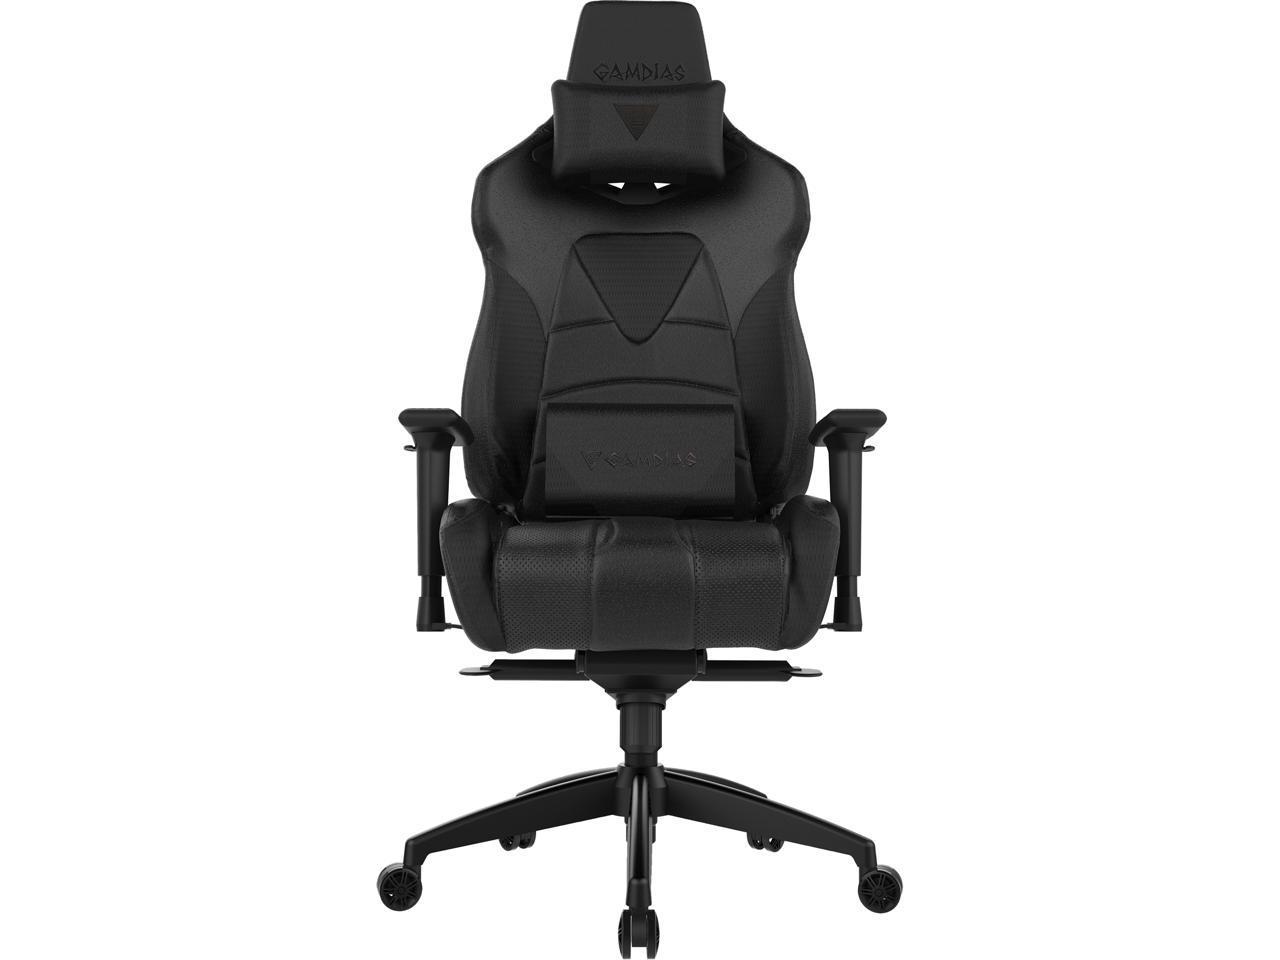 Admirable Gamdias Achilles M1 Rgb Gaming Chair Black Makagou Com Machost Co Dining Chair Design Ideas Machostcouk